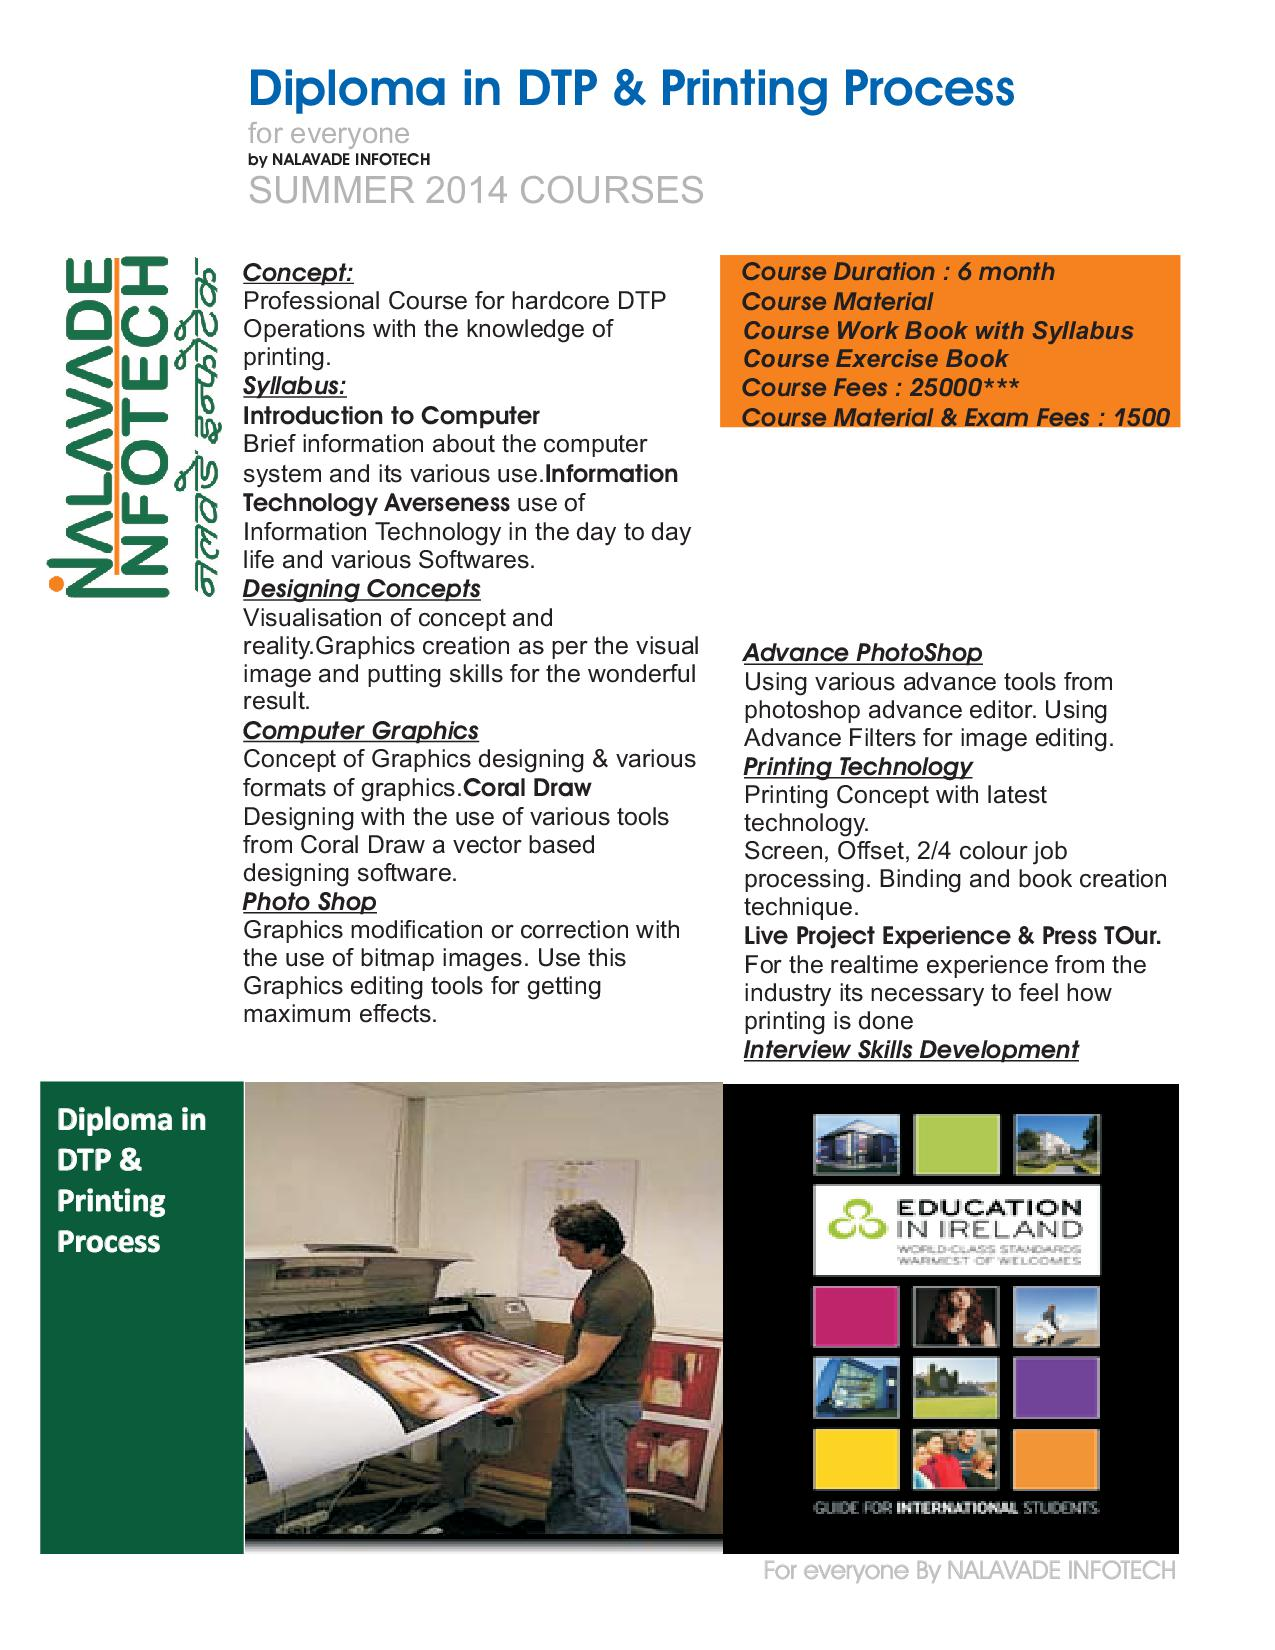 Diploma in DTP & Printing Process